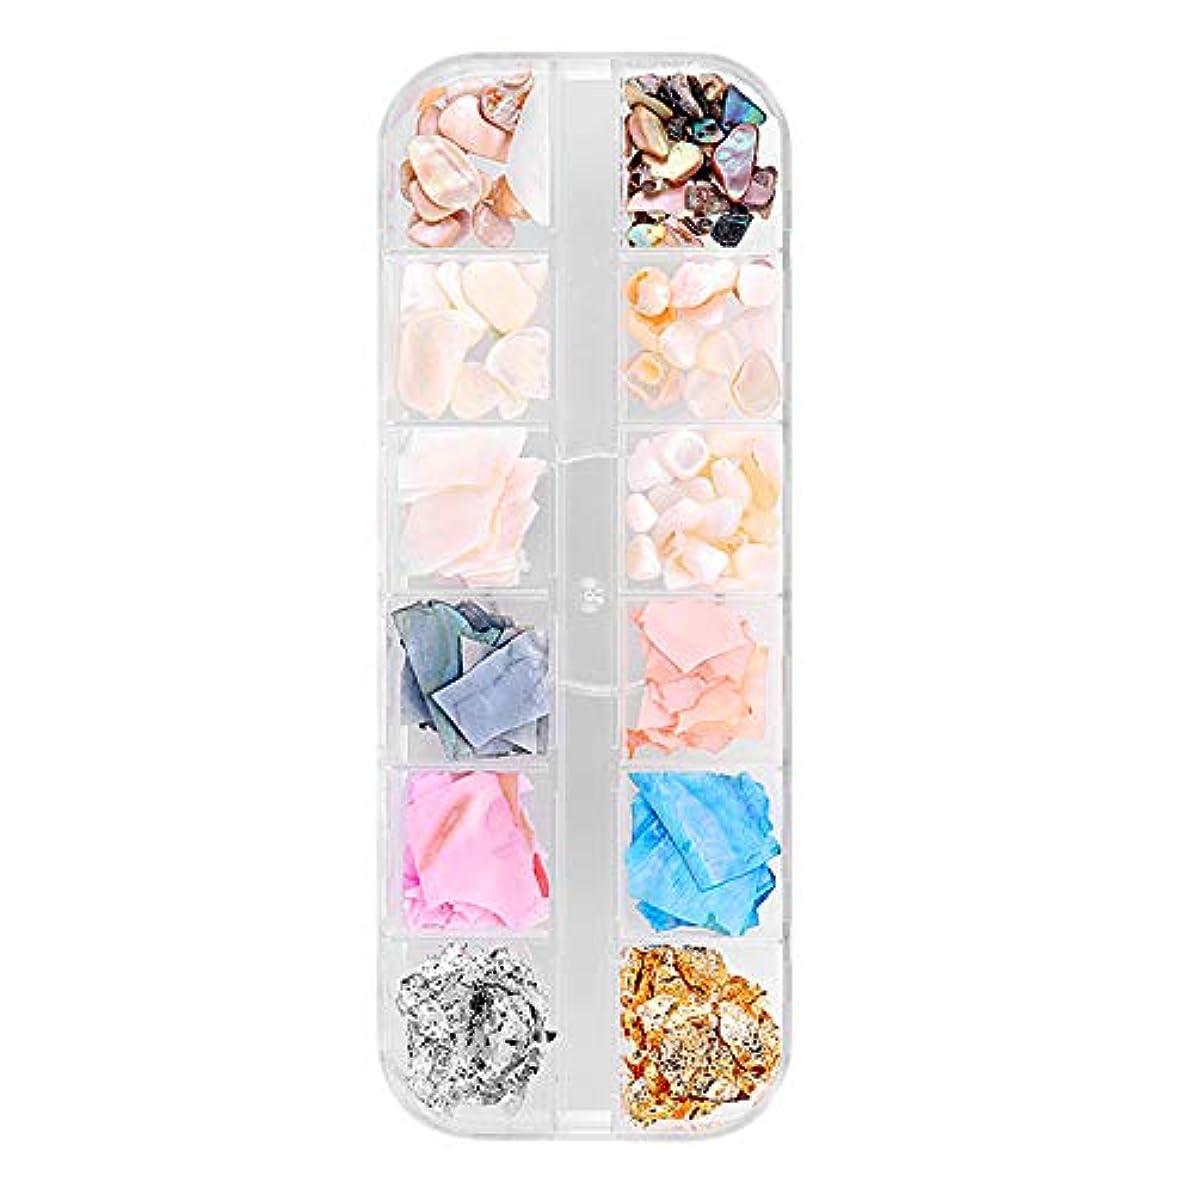 ためらう屋内発揮するTOOGOO 12色/ボックスシェル砕石砂利フレークナチュラル壊れた3D美容マニキュアDIYのネイルアートデコレーション女性のファッション02